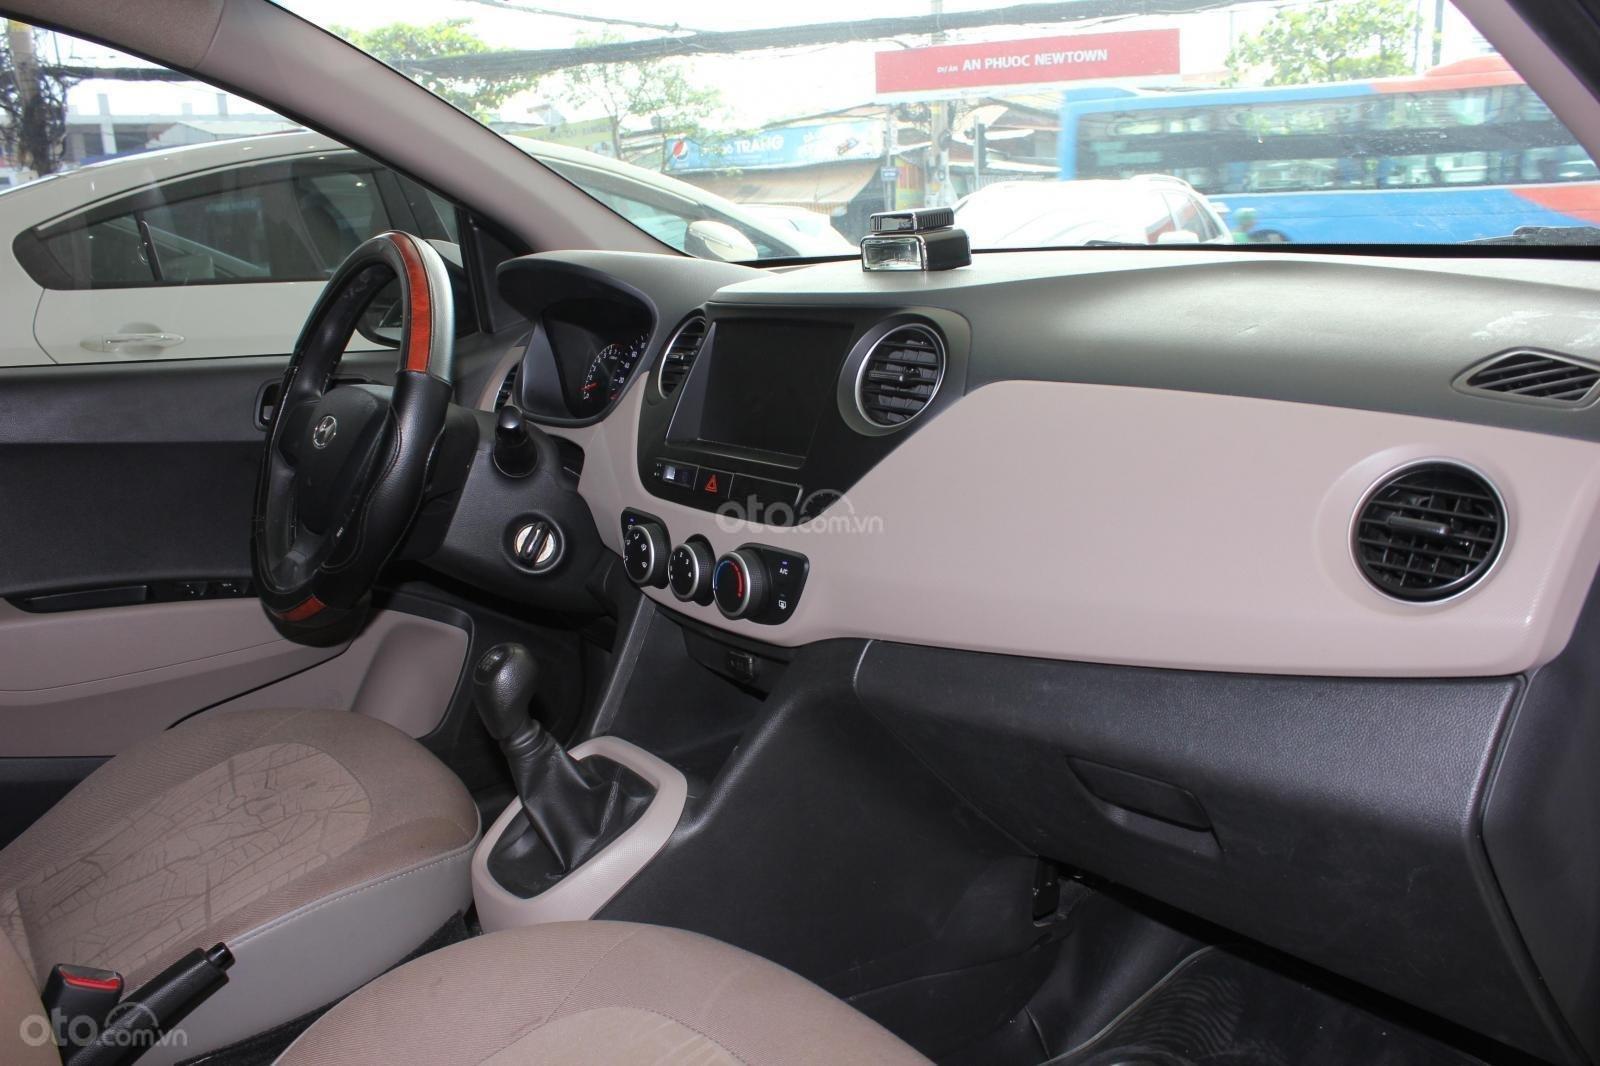 Bán xe Hyundai Grand i10 đời 2018, màu trắng, 335 triệu (5)